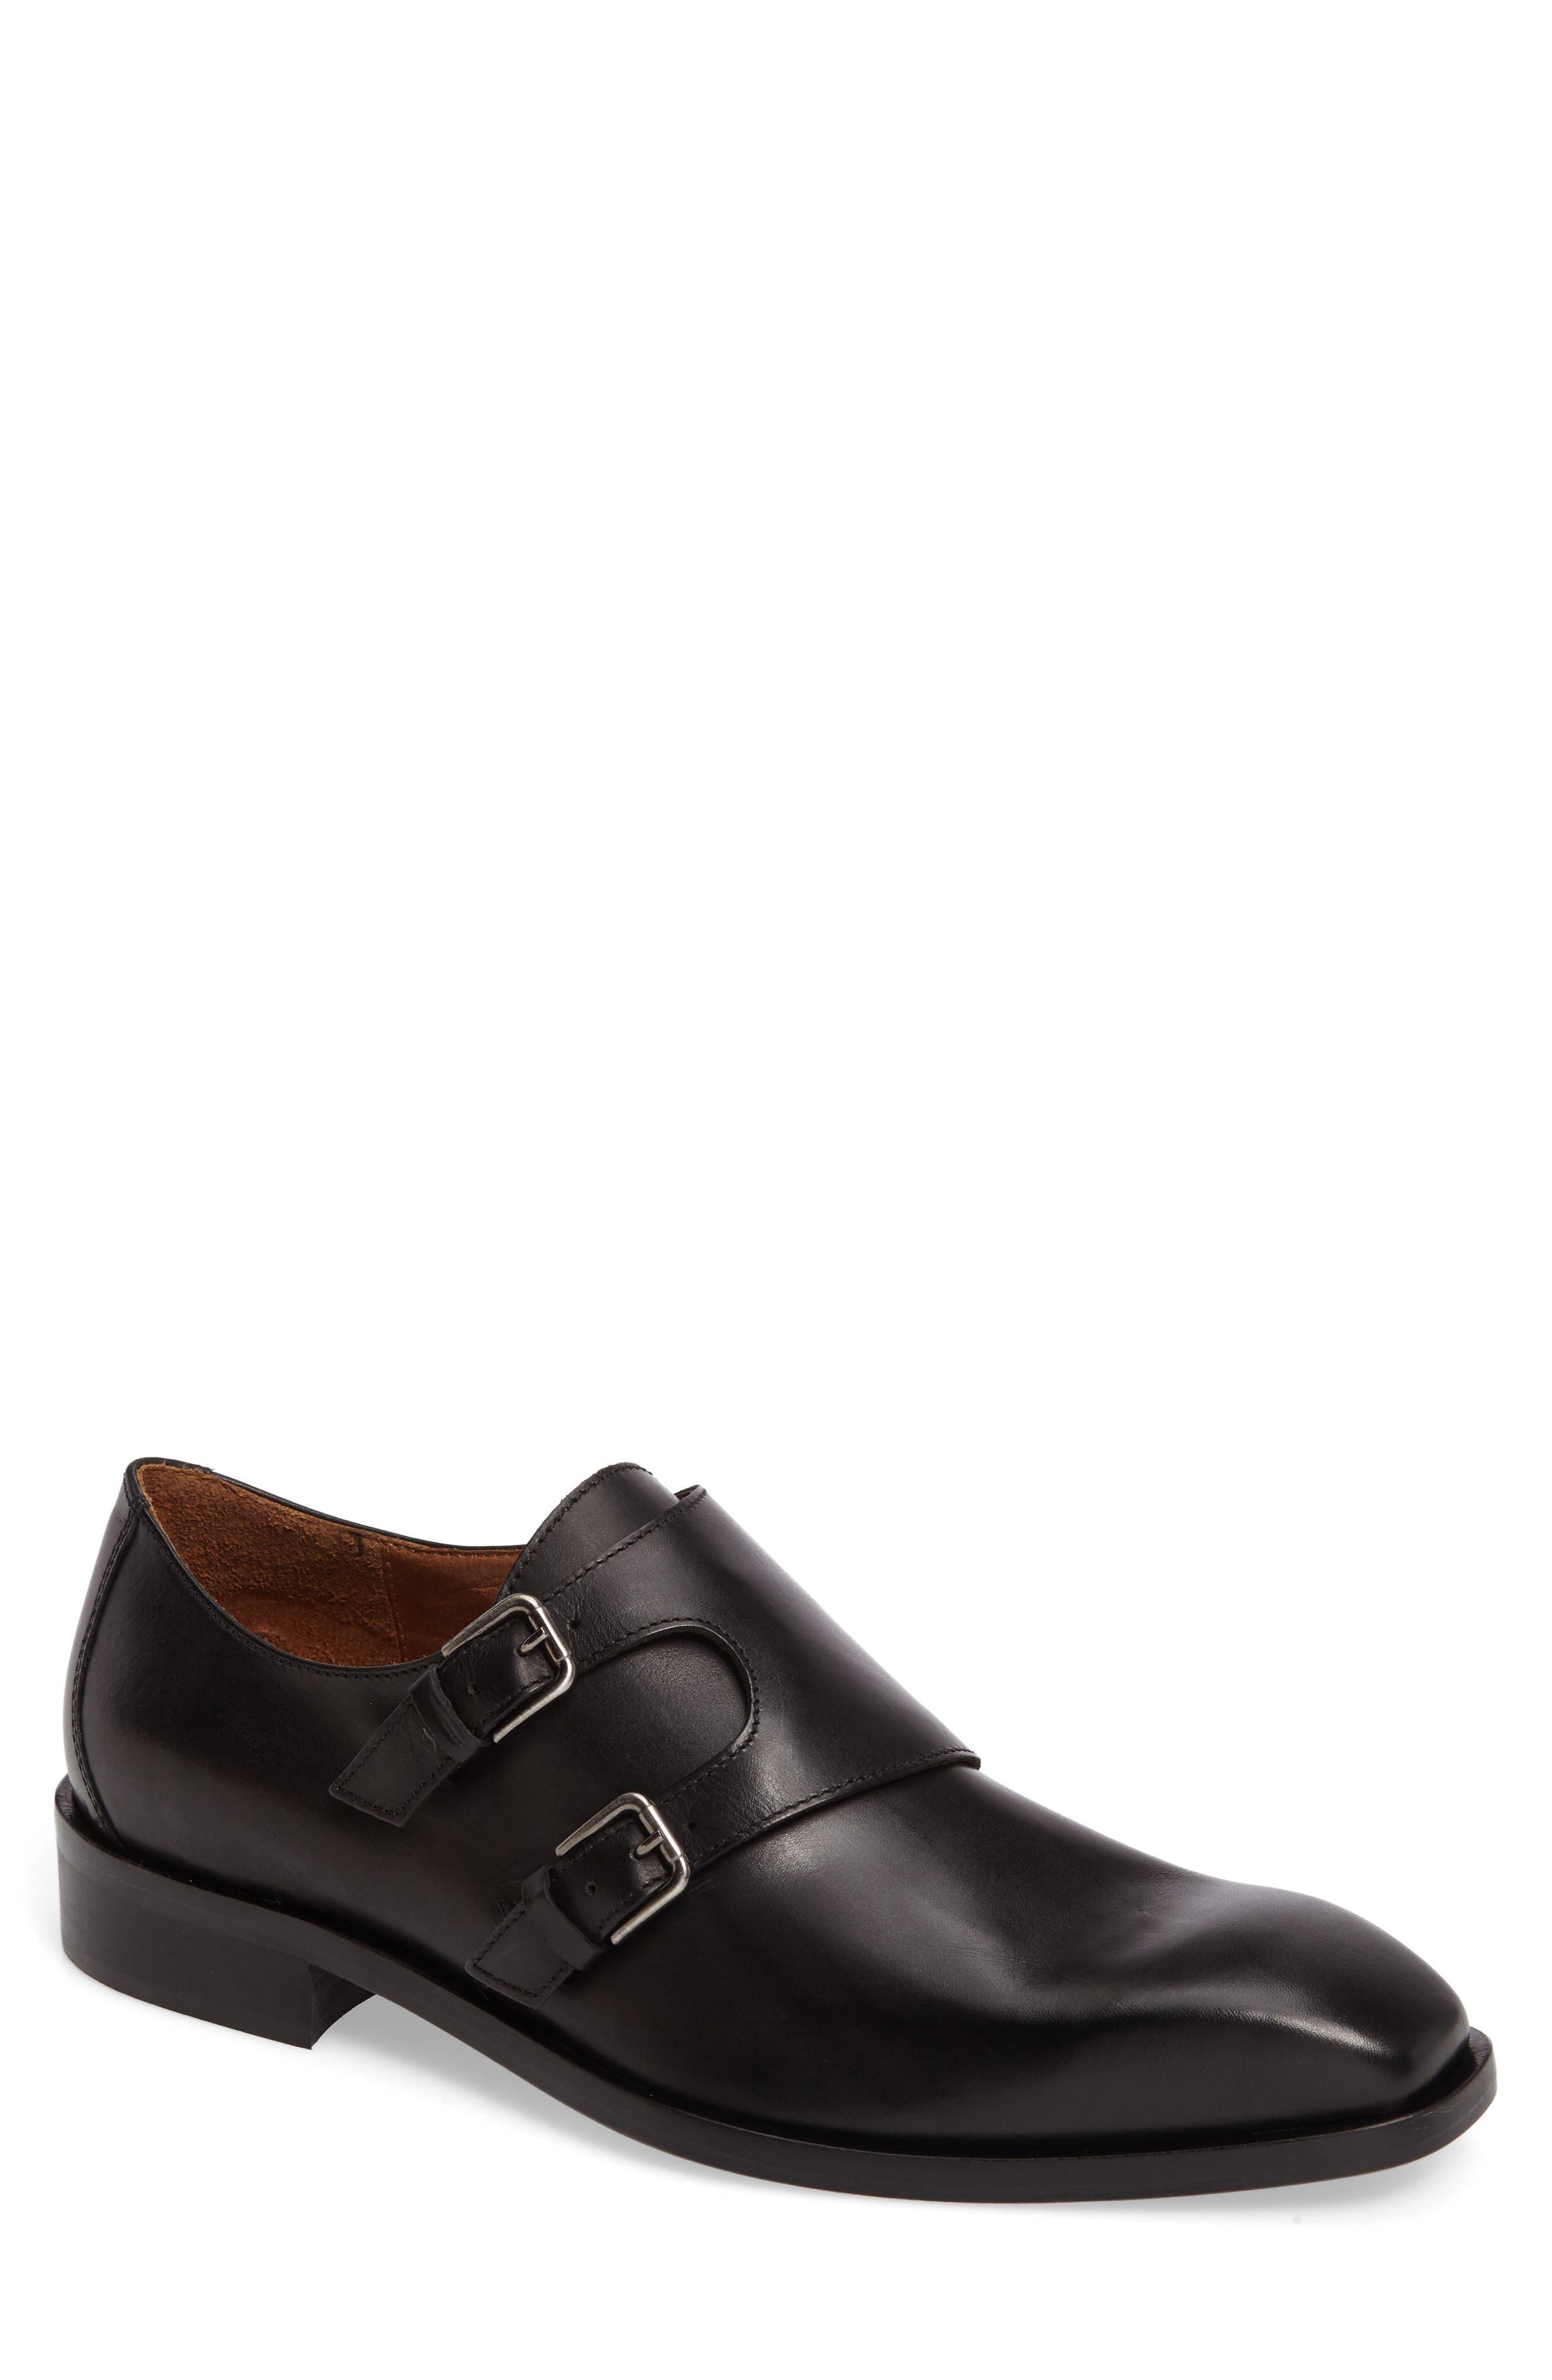 Vivaldo Venetian Loafer,                             Alternate thumbnail 3, color,                             Black Leather